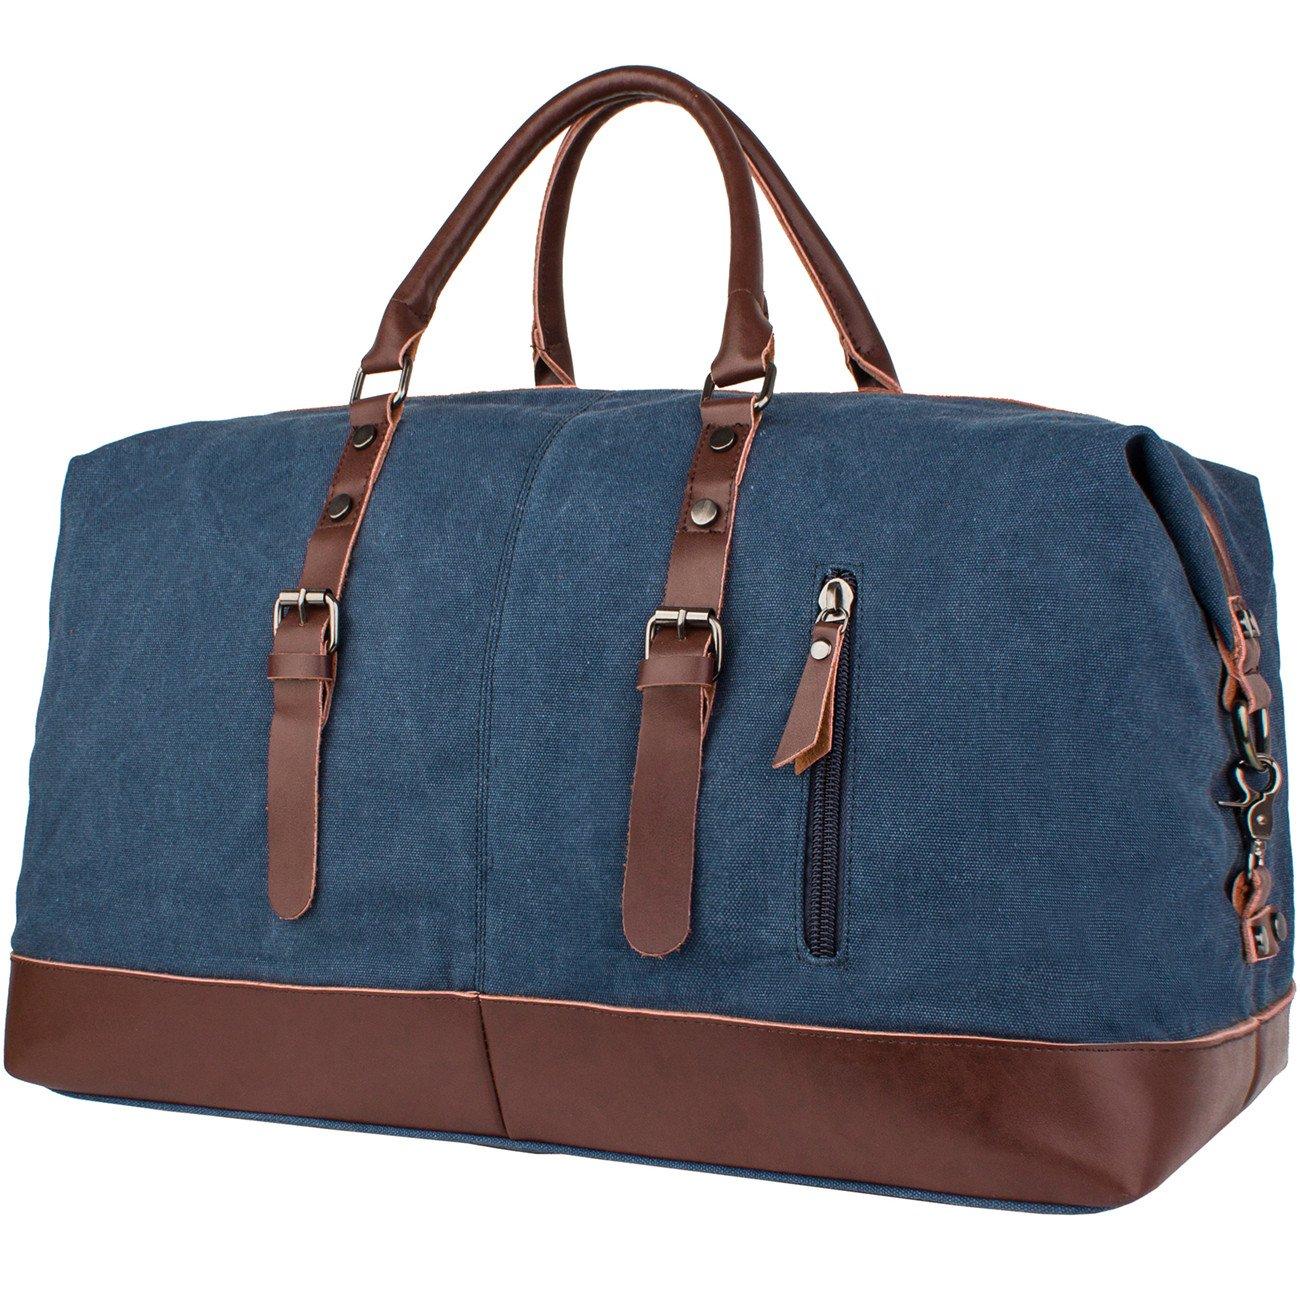 Leaper Oversized Canvas Travel Duffel Weekend Bag Tote Satchel Shoulder Handbag Holdall Weekender (Dark Blue)